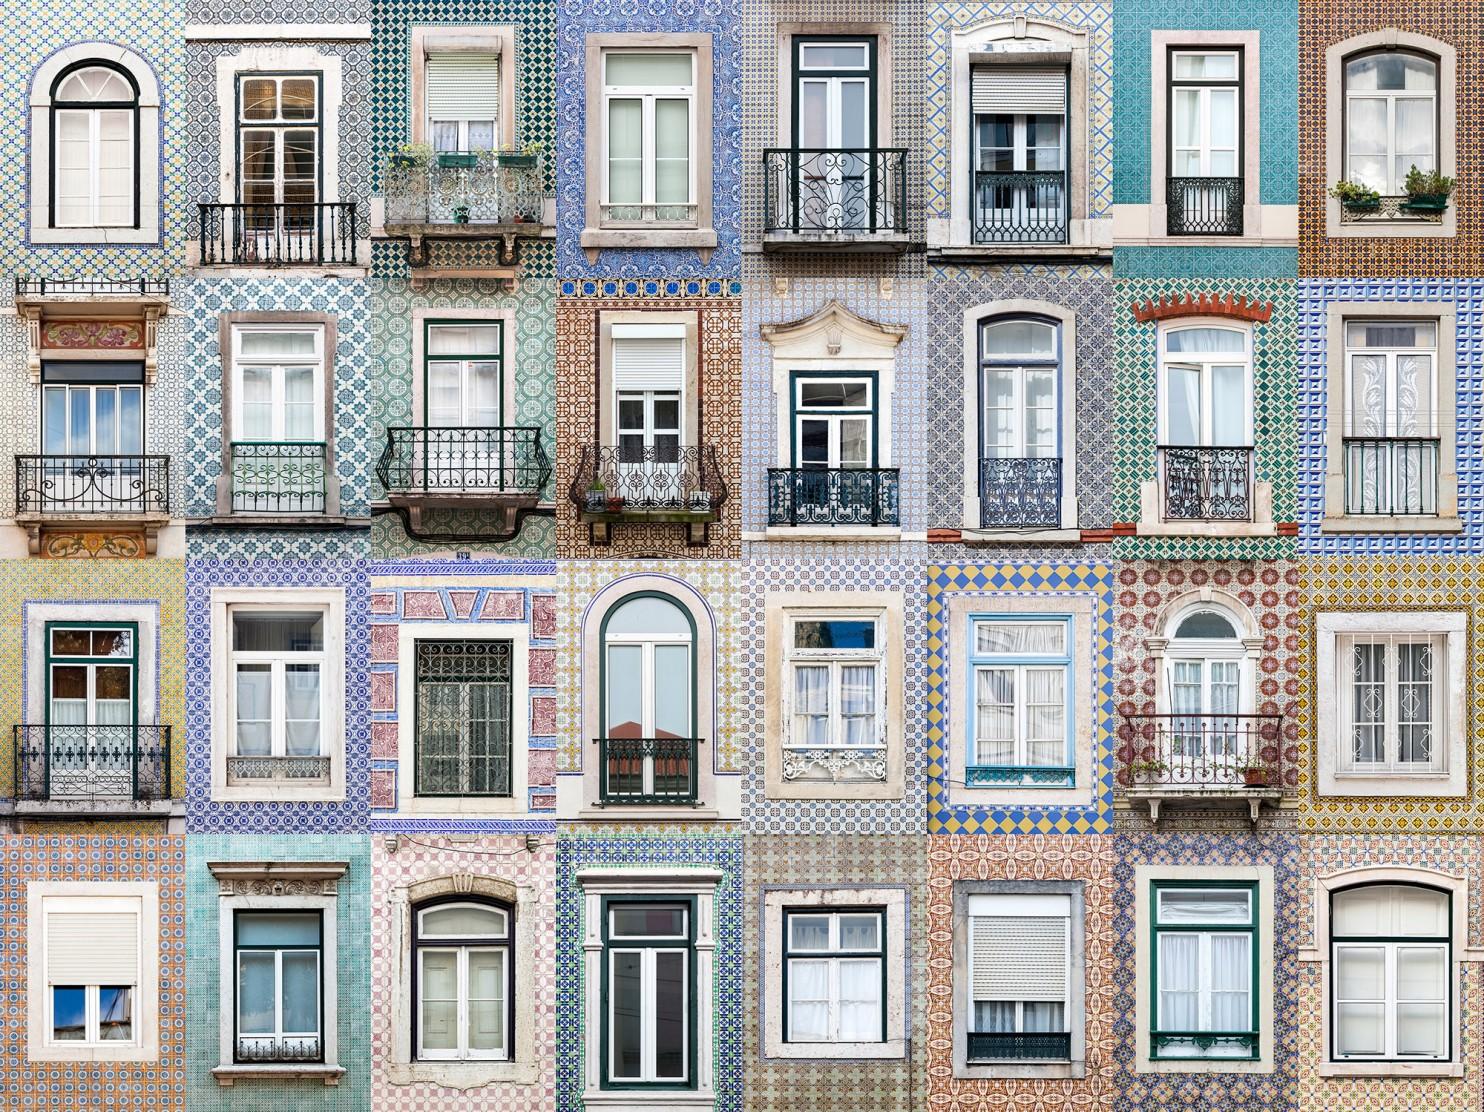 Andre Vincente Goncalves fotograf iz Portugala